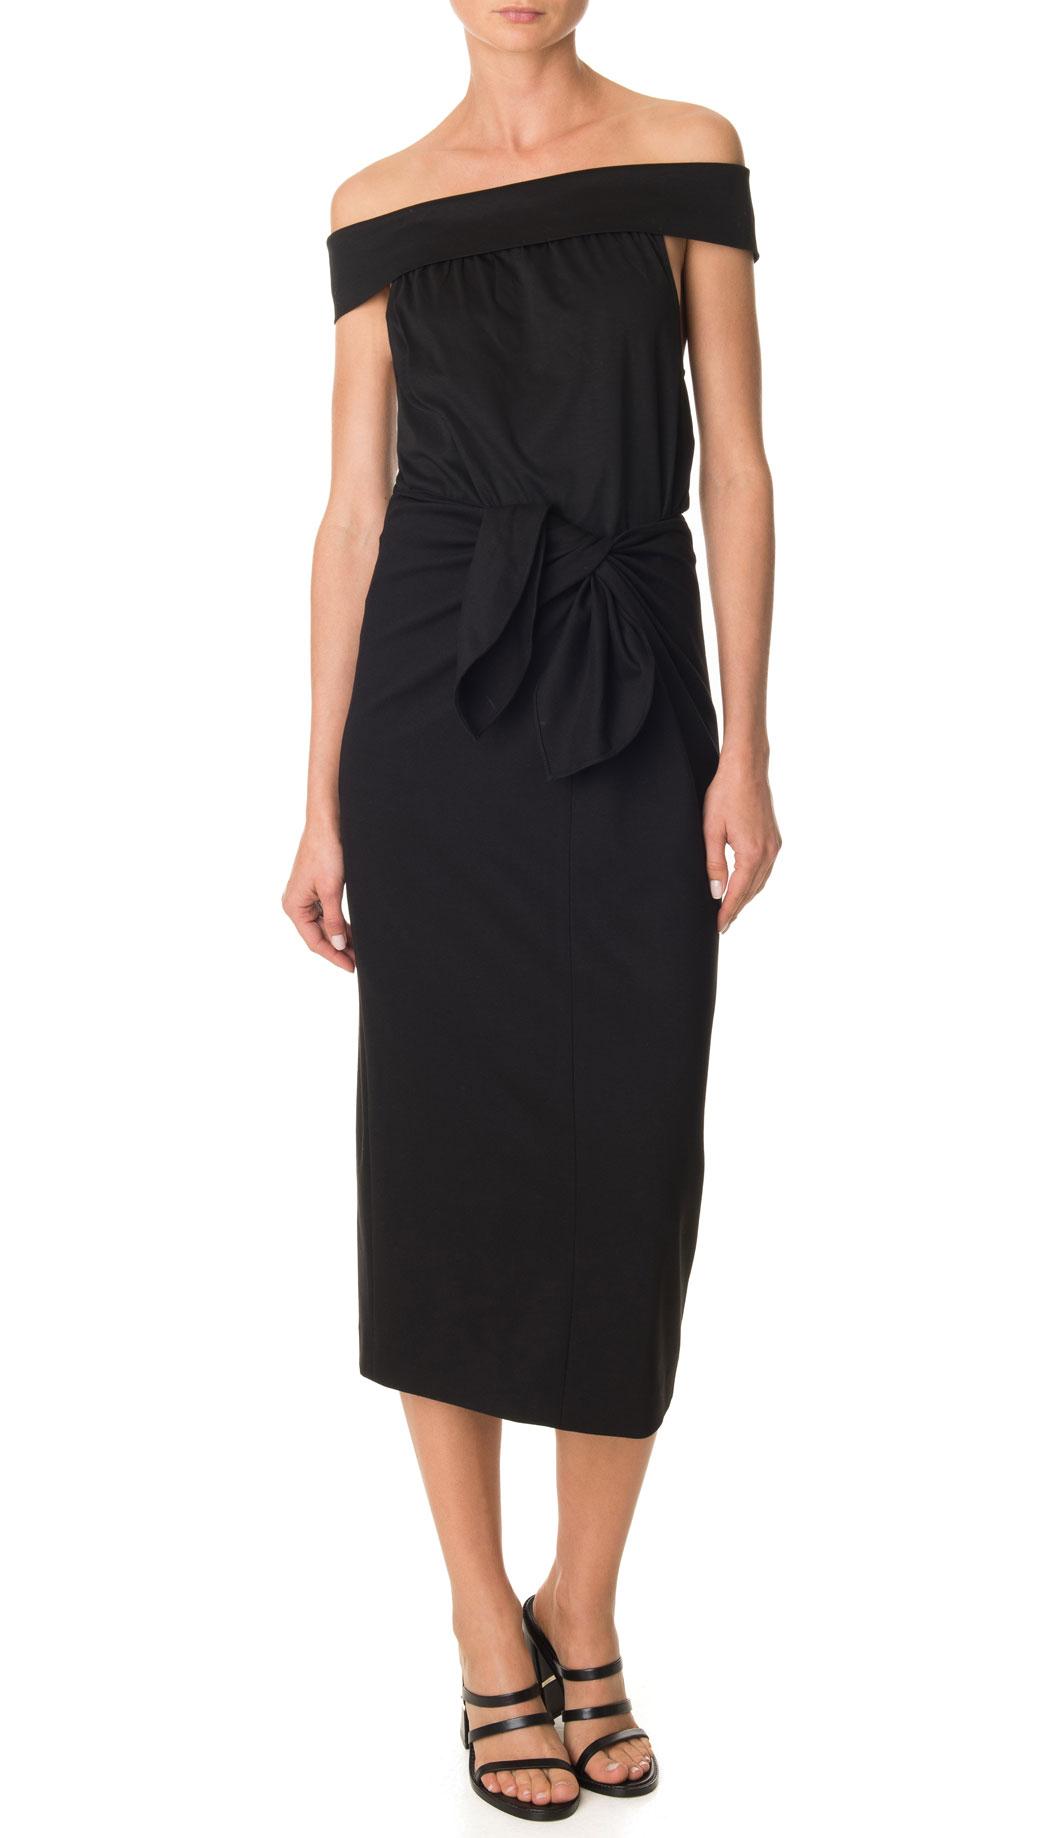 Tibi Bond Stretch Knit Pencil Skirt in Black | Lyst